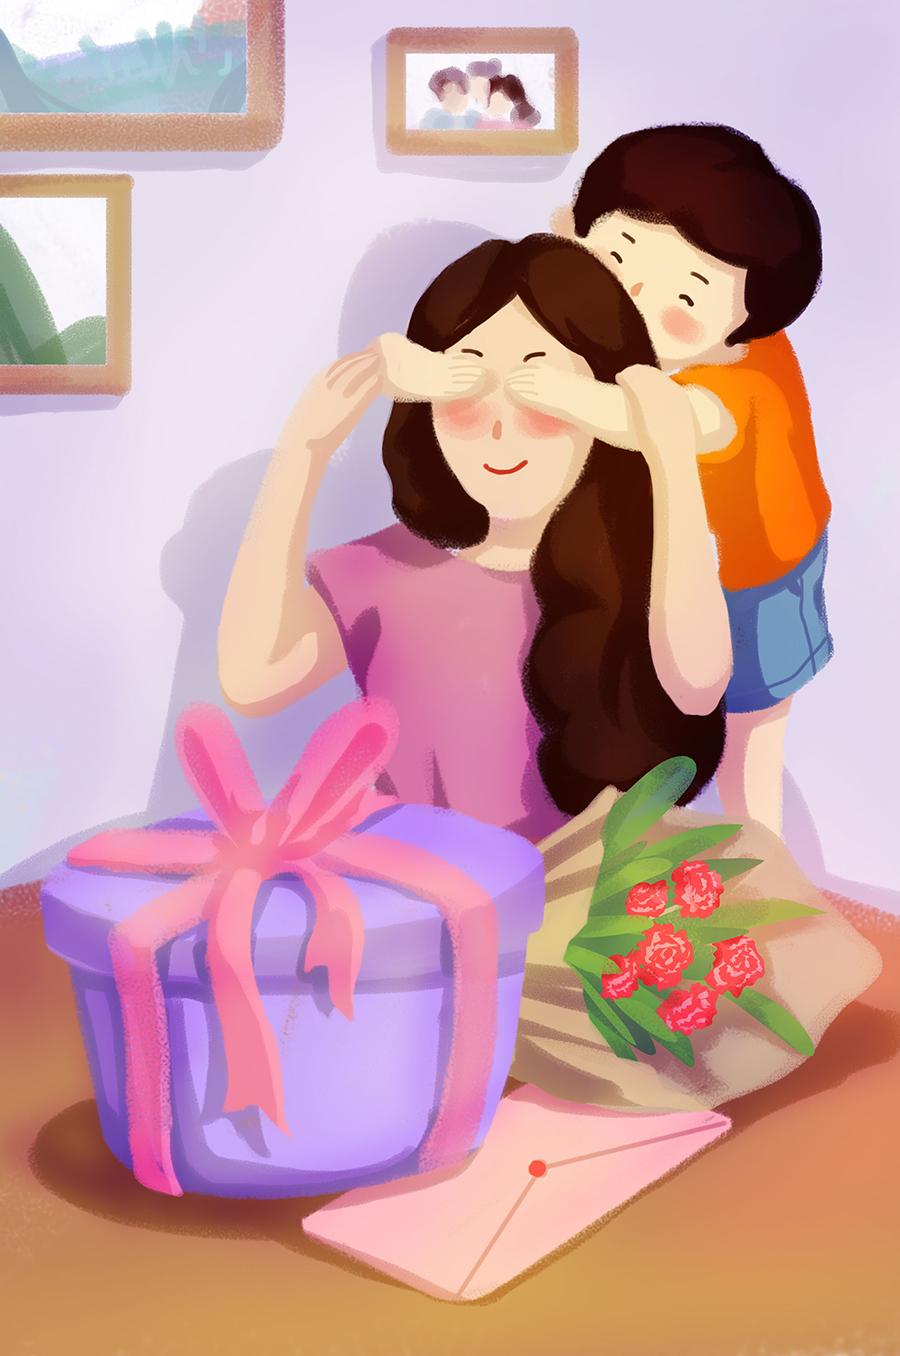 清新卡通手绘母亲节插画素材